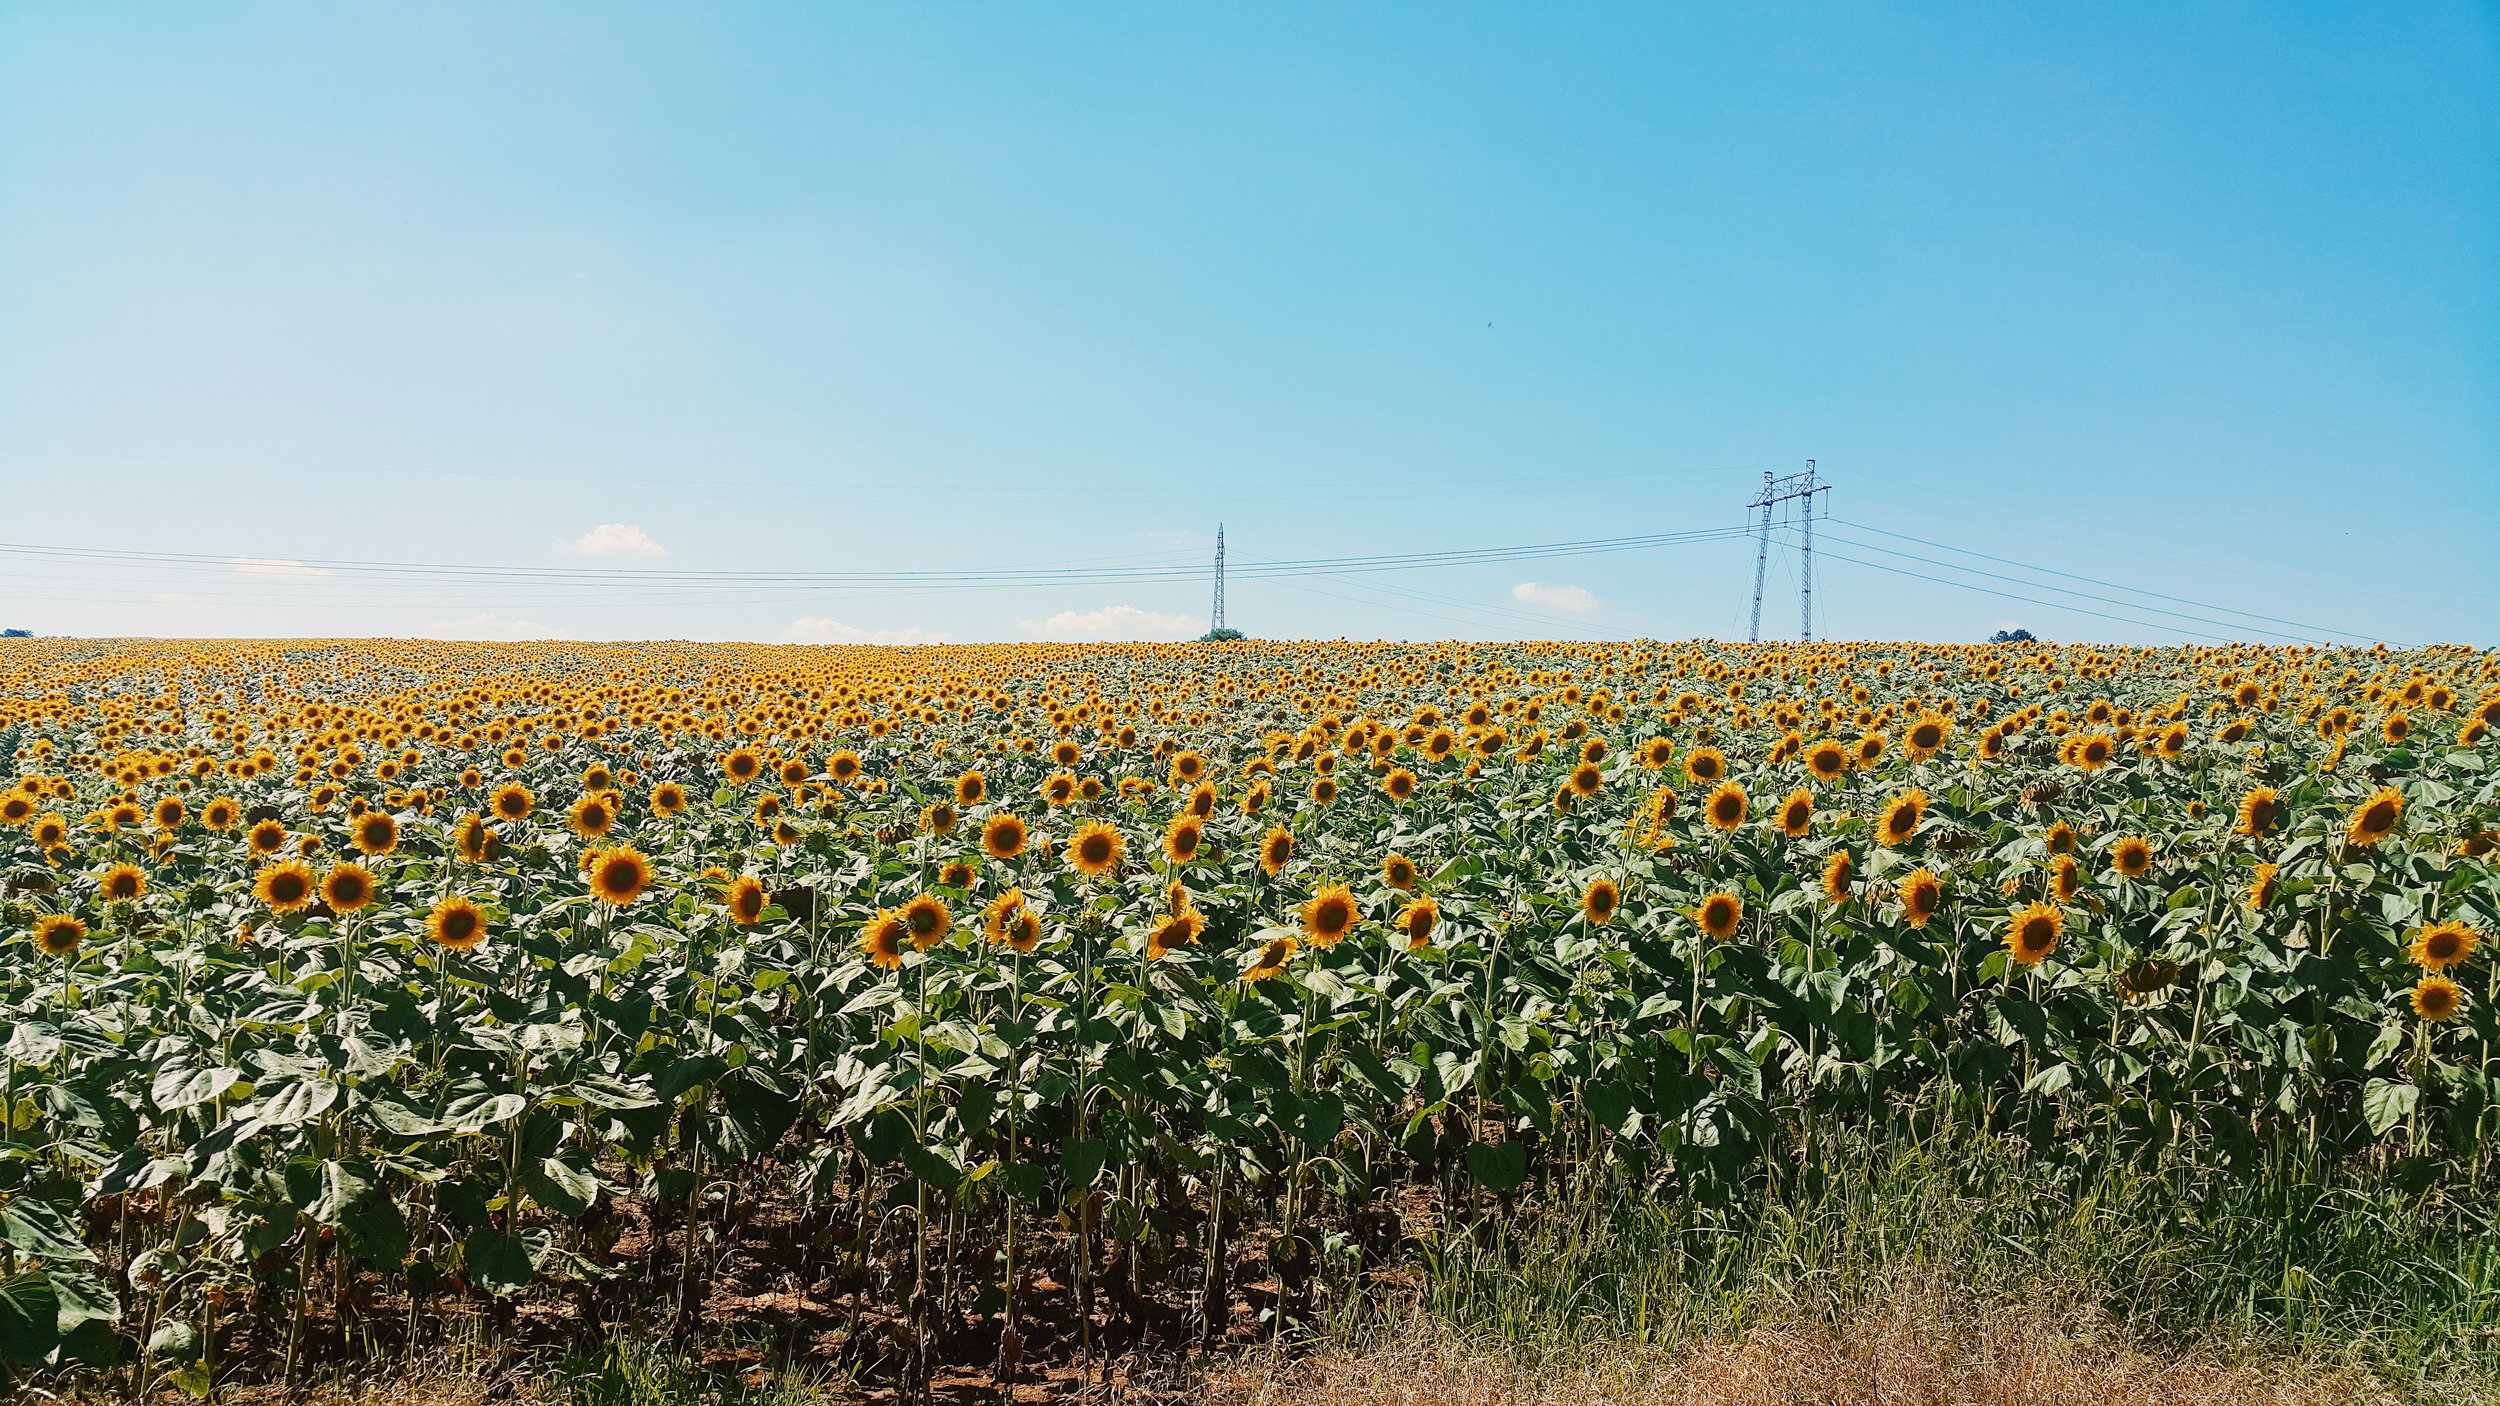 A sunflower field in Lukovit, Bulgaria